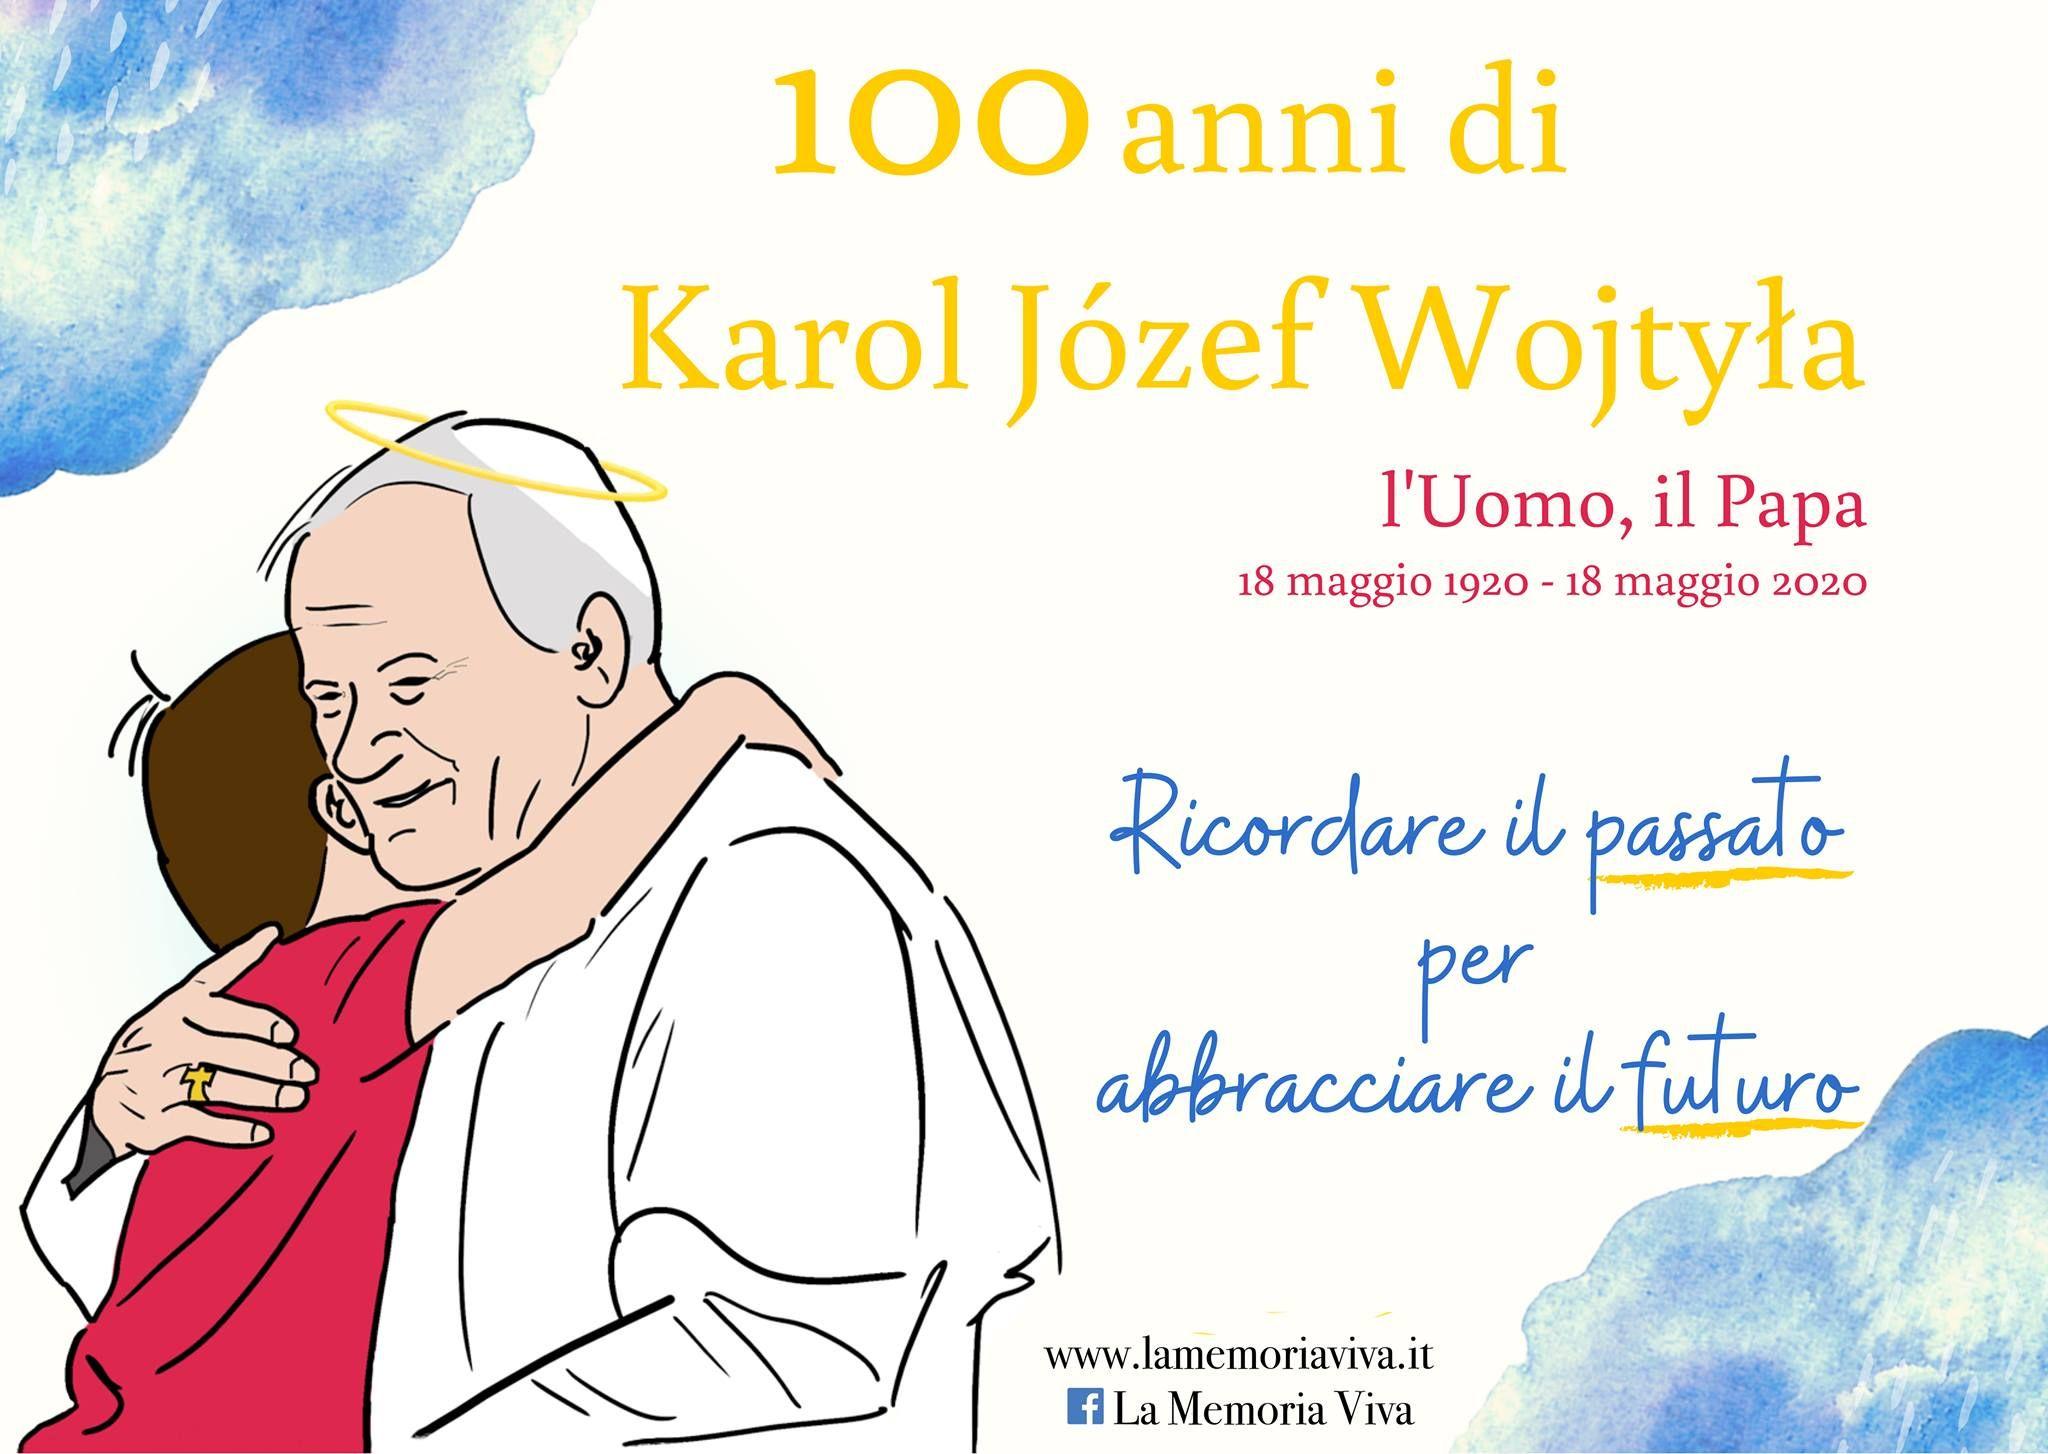 CANAVESE - «Ricordare il passato perabbracciare il futuro»: lunedi 18 la giornata dedicata a Karol Wojtyla